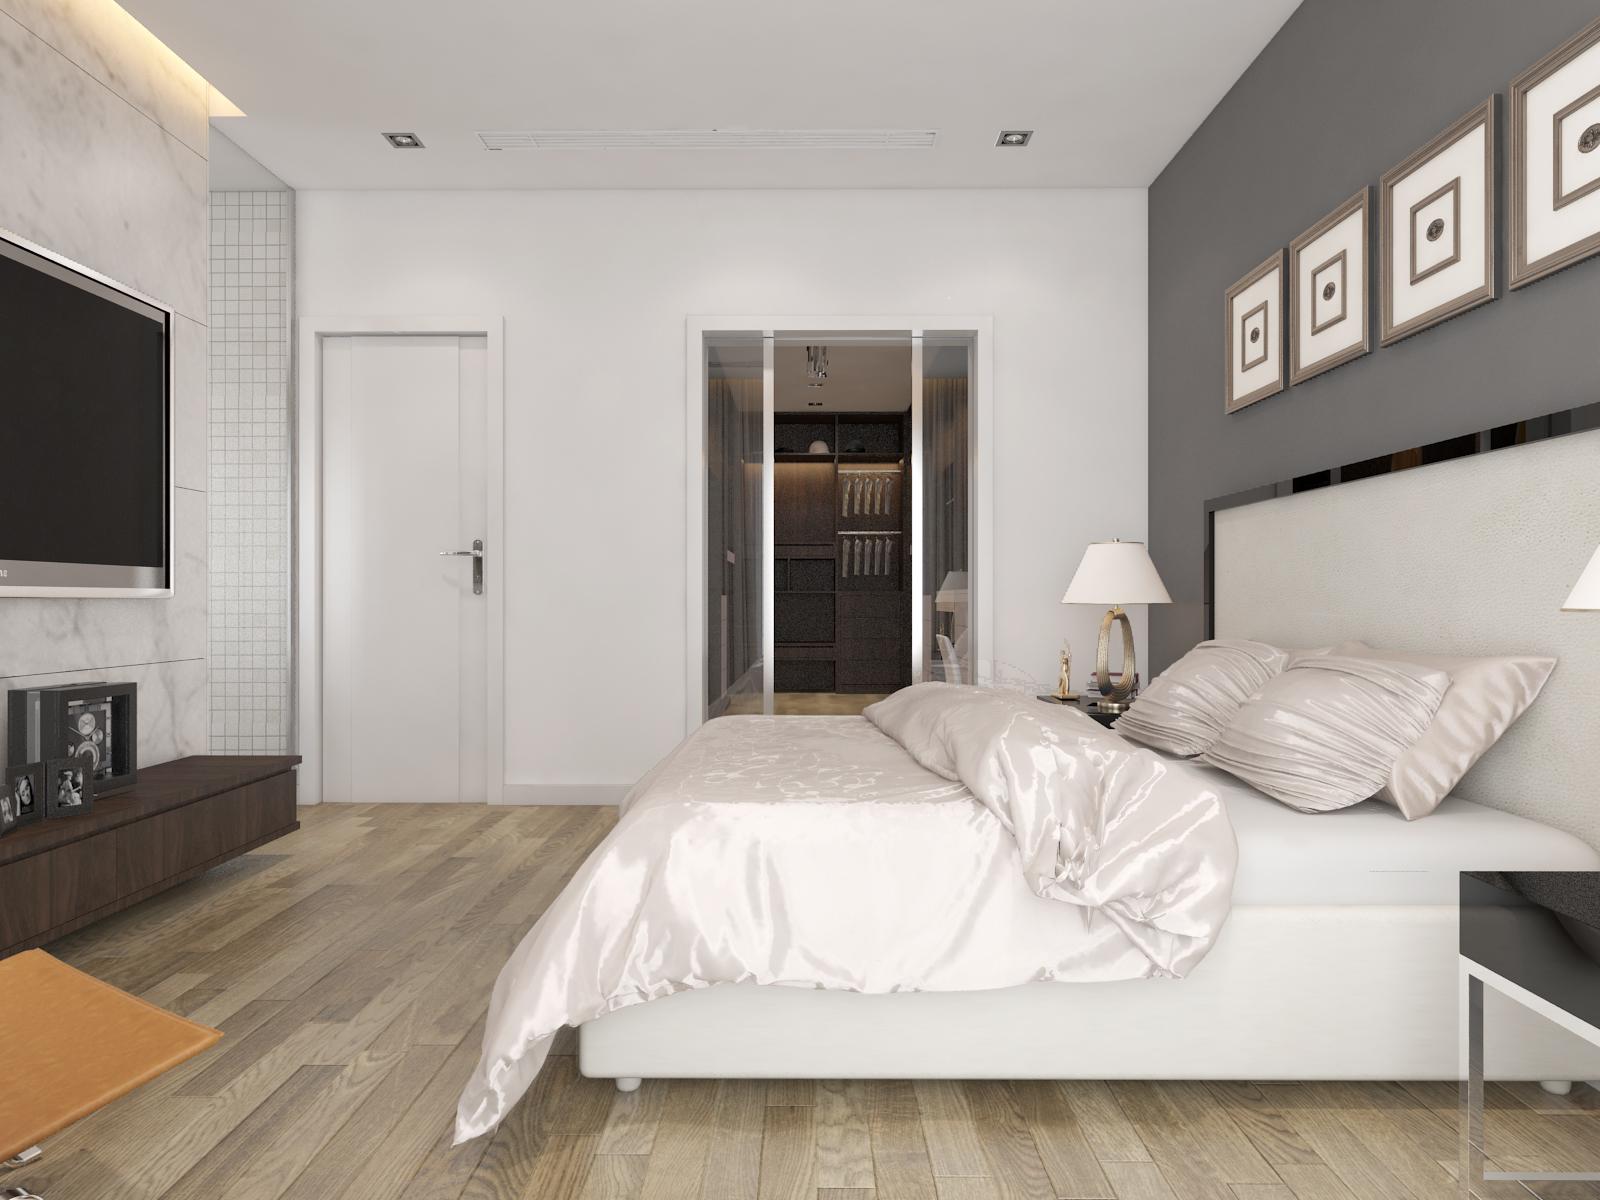 thiết kế nội thất Biệt Thự tại Hà Nội bt Vinhomes - riverside 25 1568085352